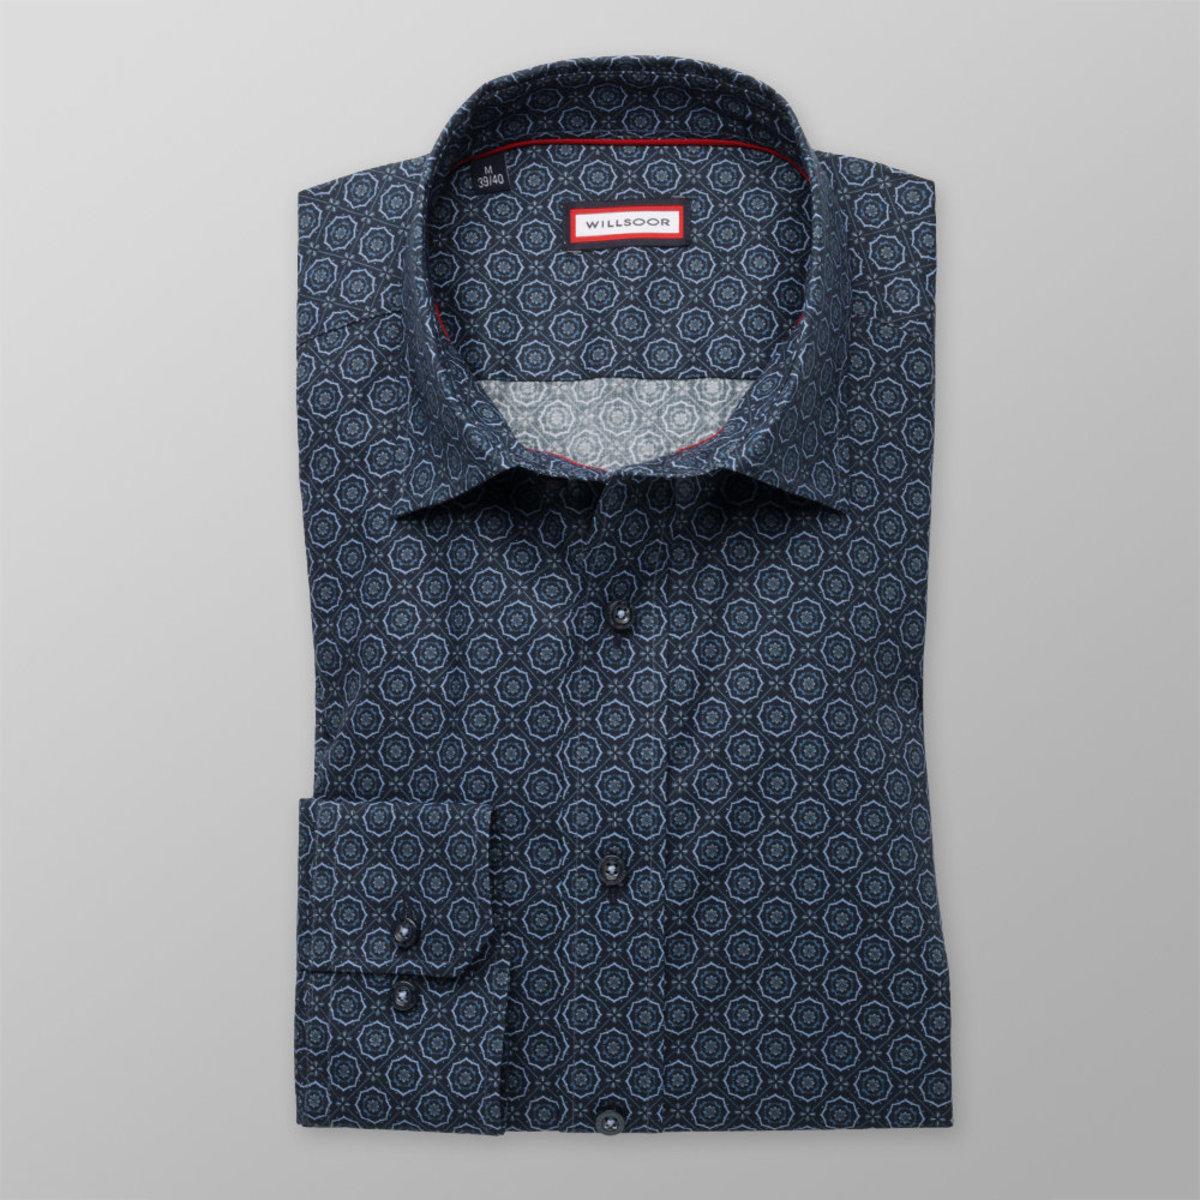 Pánská slim fit košile (výška 176-182) 8342 v modré barvě se vzorem 176-182 / XL (43/44)